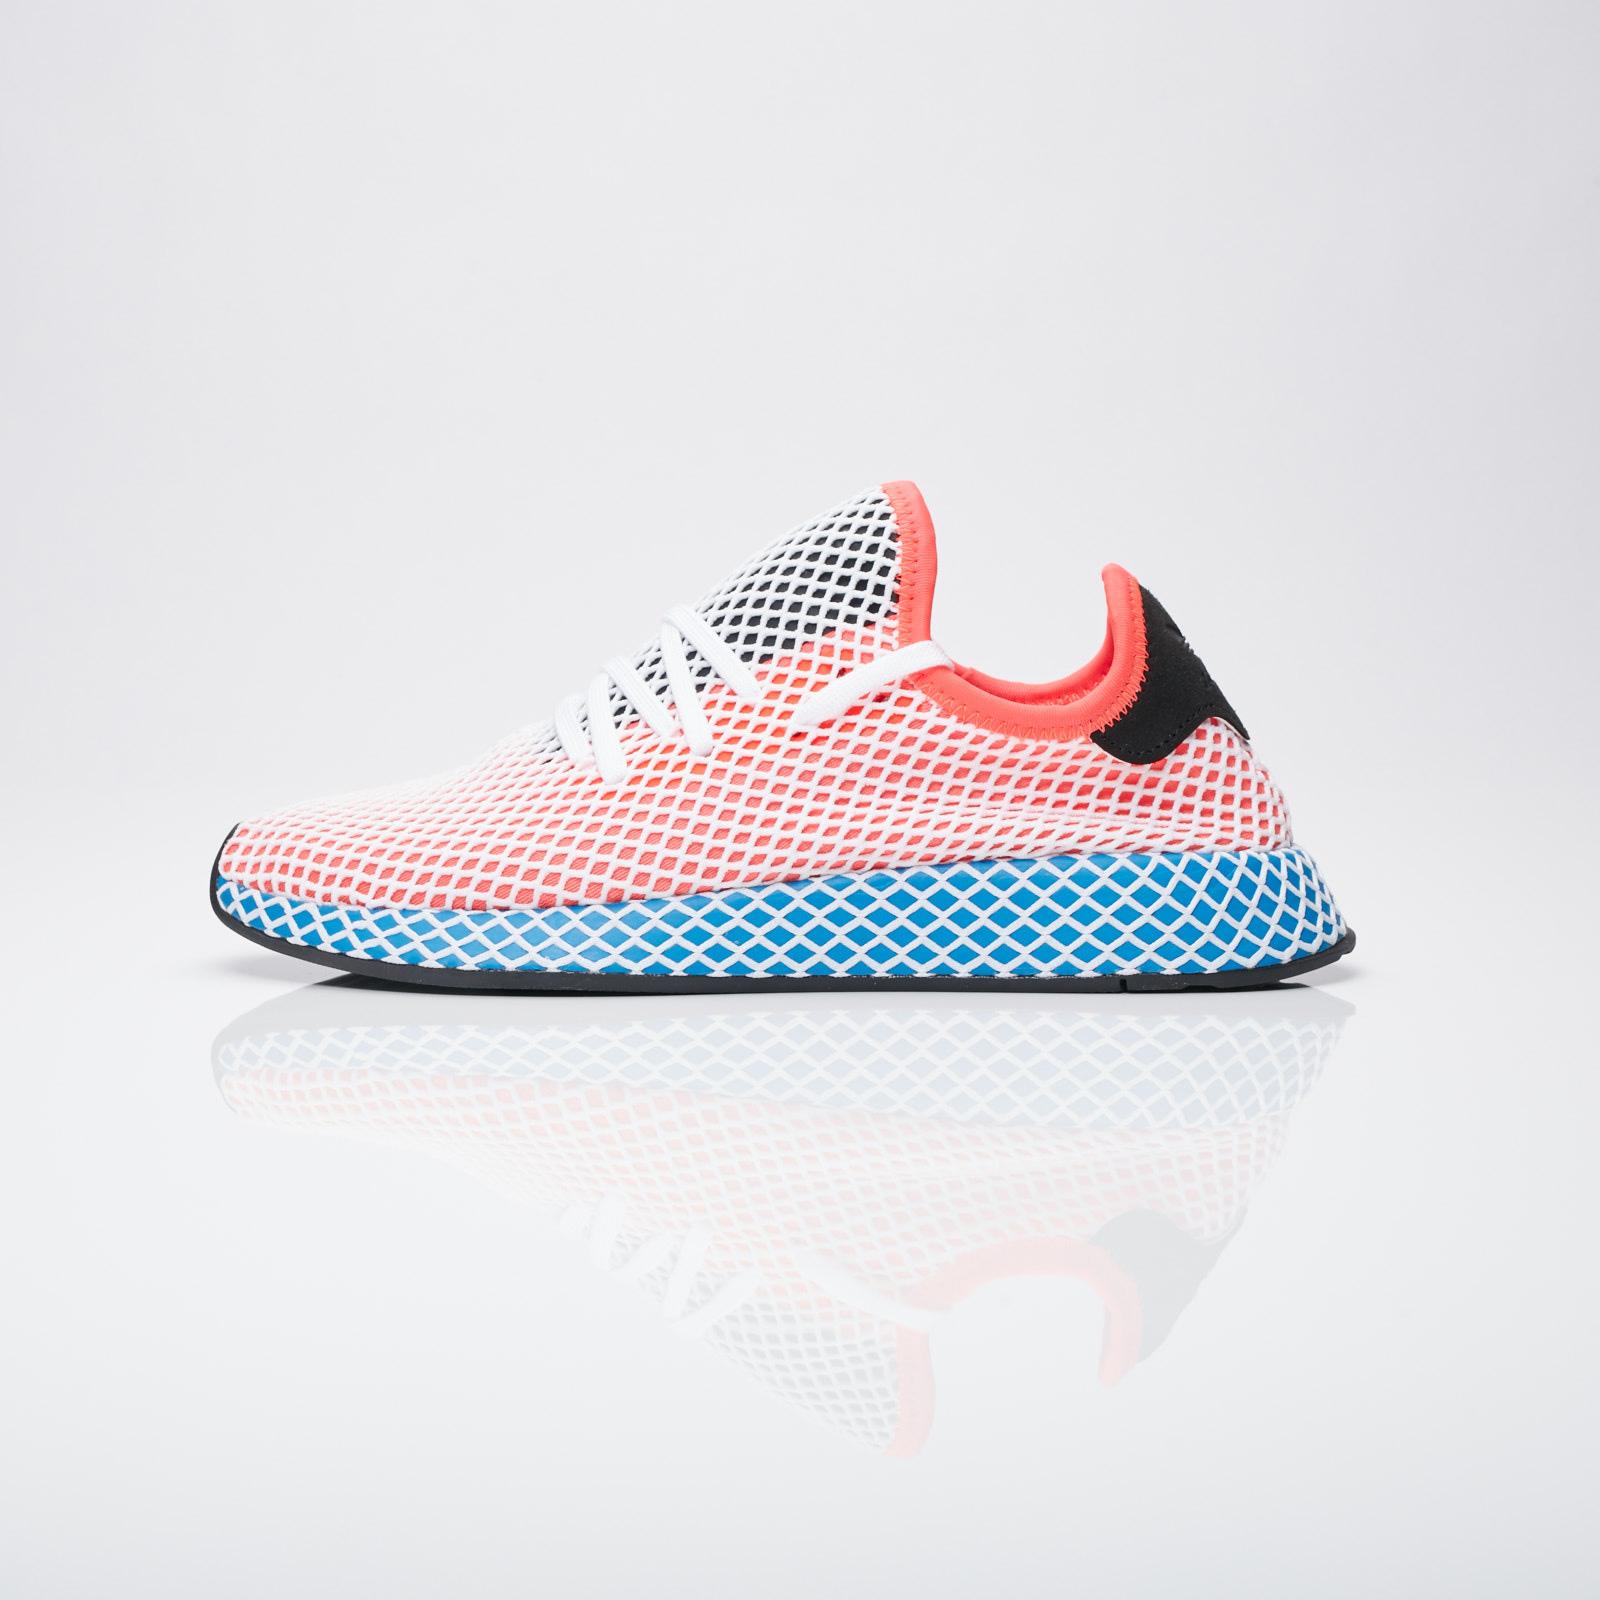 62d3ae27a adidas Deerupt Runner - Cq2624 - Sneakersnstuff